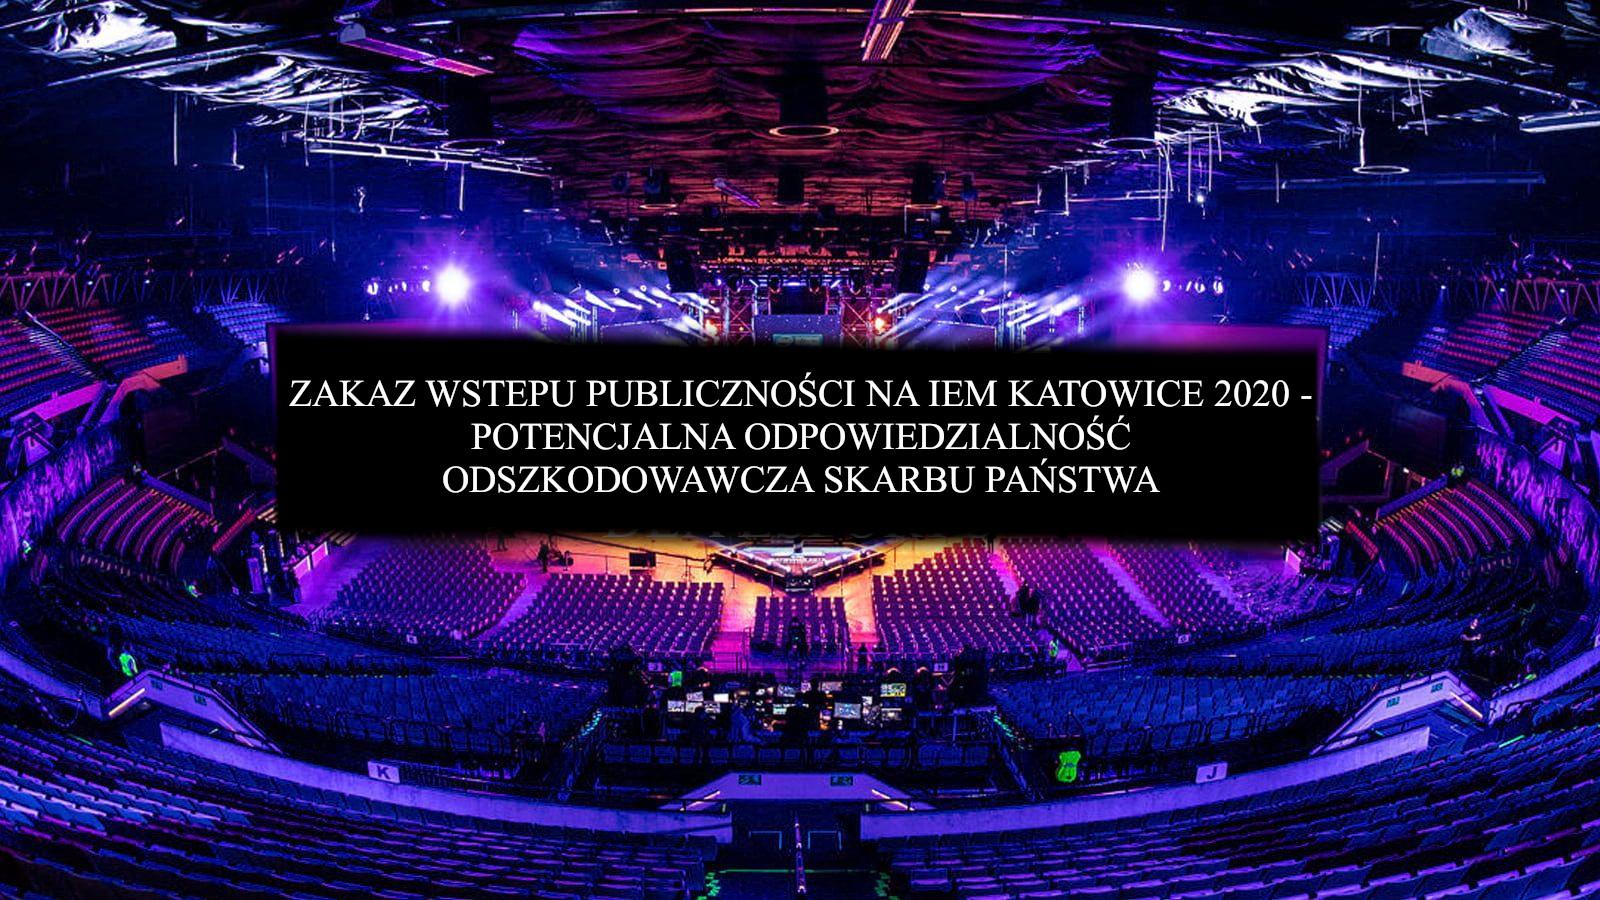 Zakaz wstępu publiczności na IEM Katowice 2020 – Potencjalna odpowiedzialność odszkodowawcza Skarbu Państwa